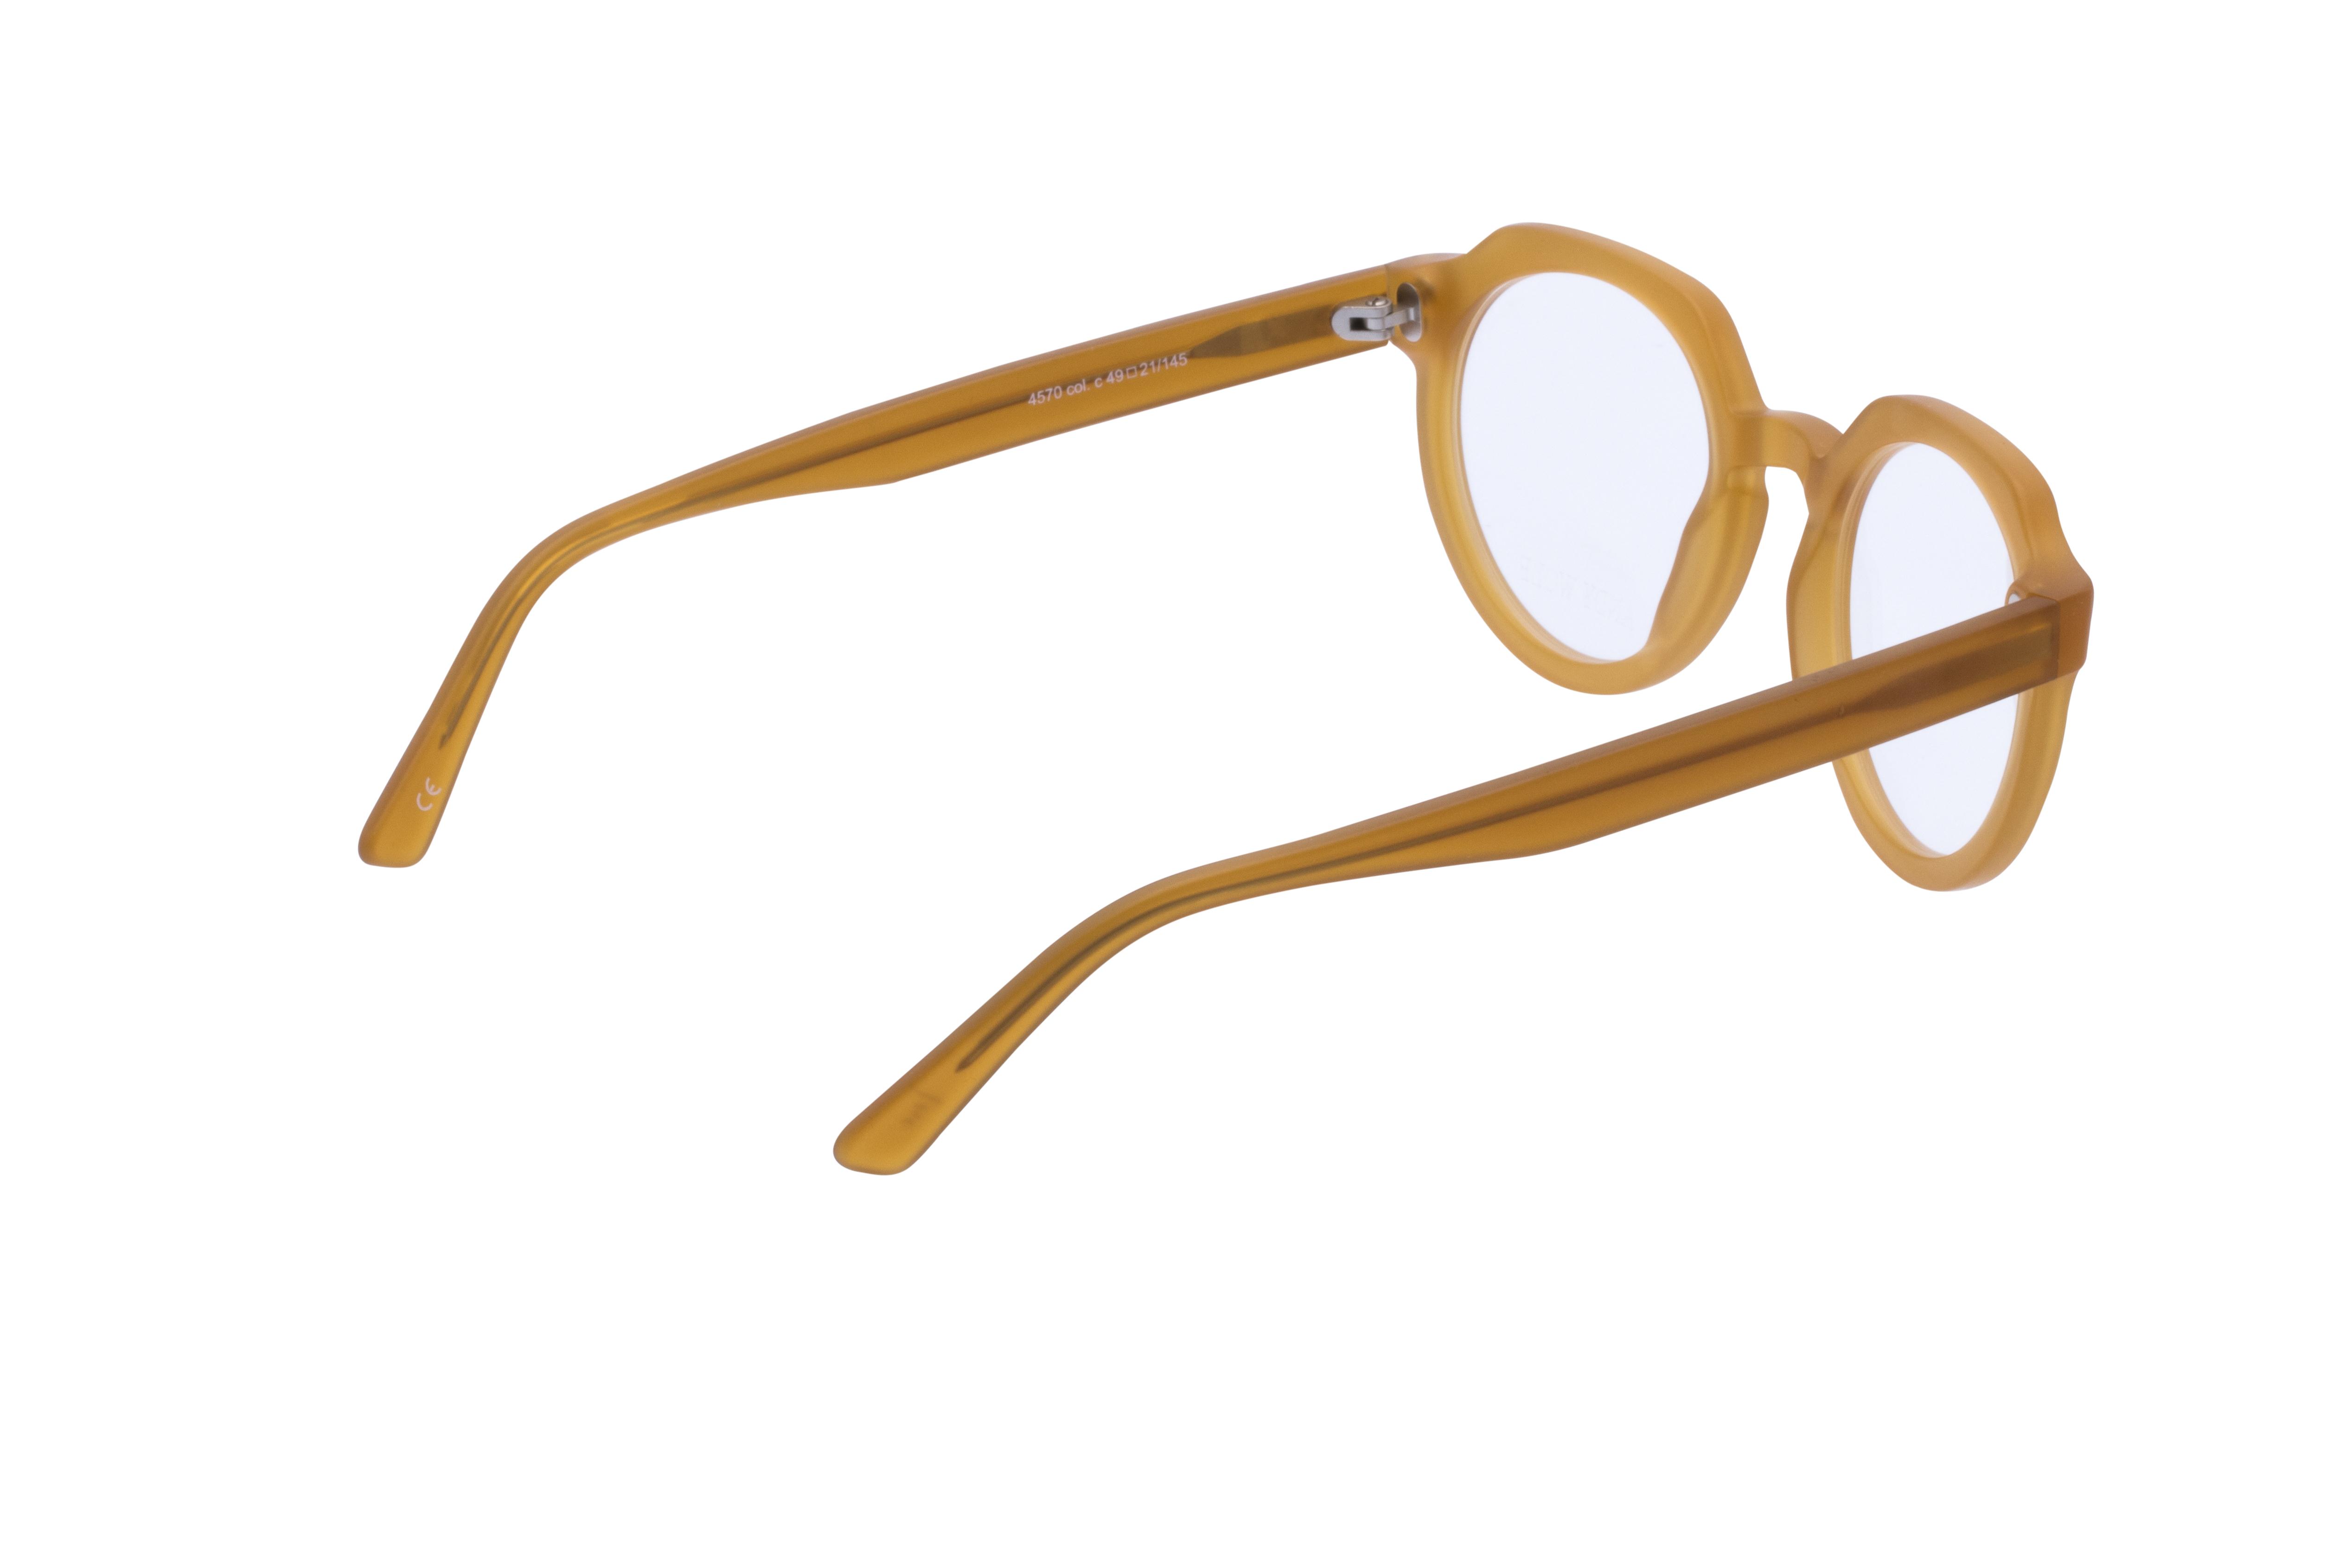 360 Grad Ansicht 8 Andy Wolf 4570, Brille auf Weiß - Fassung bei KUNK